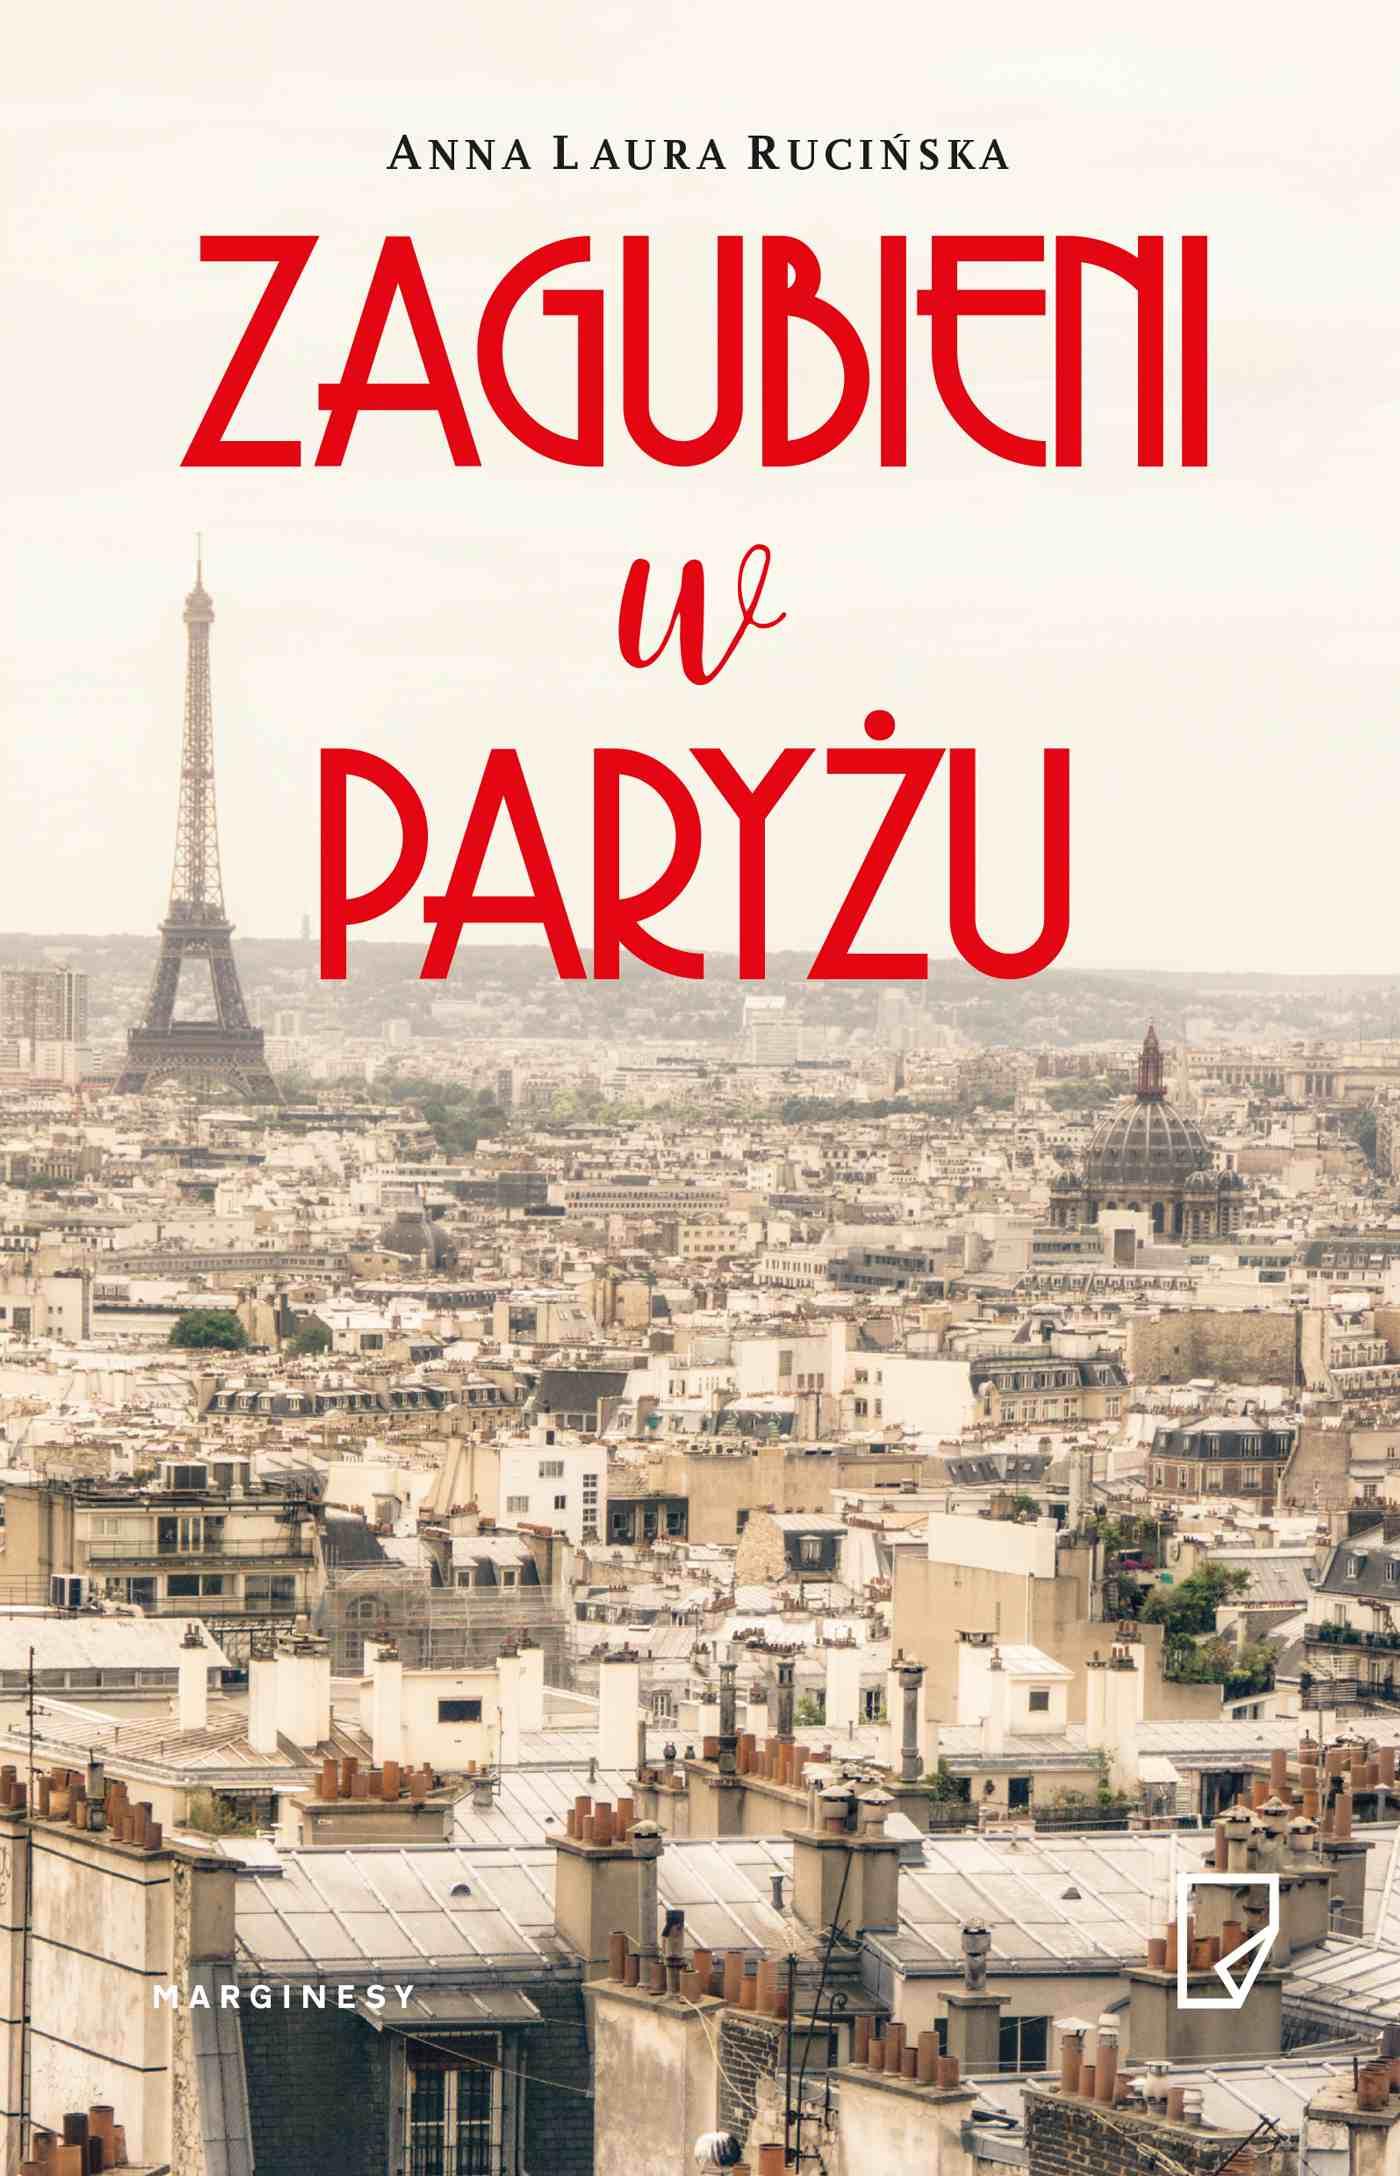 Zagubieni w Paryżu - Ebook (Książka na Kindle) do pobrania w formacie MOBI